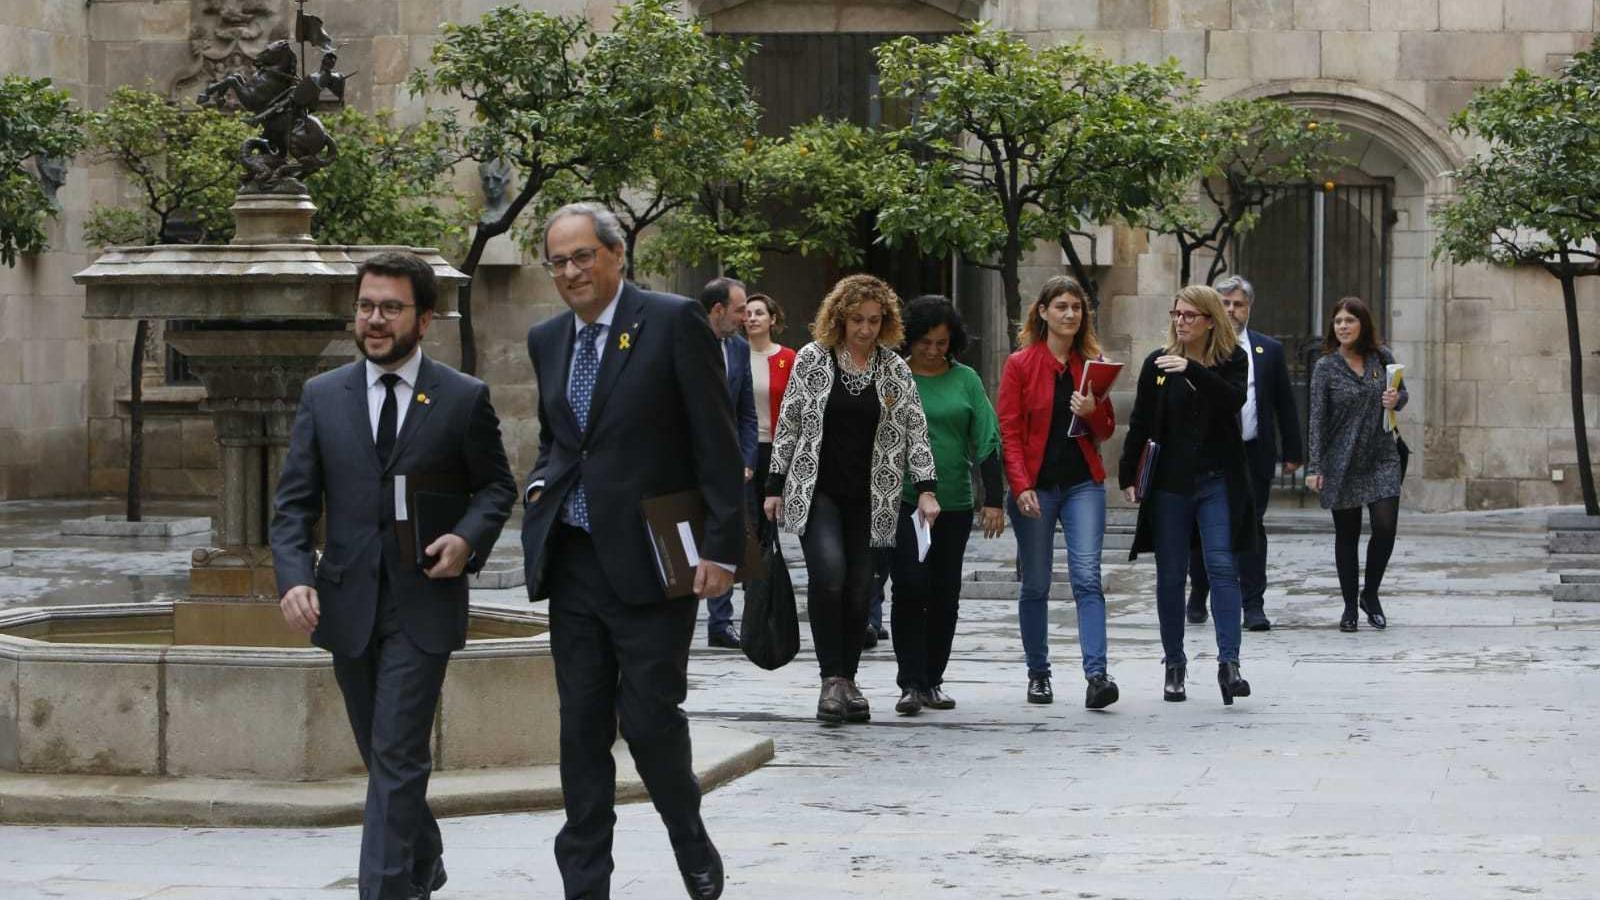 El president de la Generalitat, Quim Torra, i el vicepresident, Pere Aragonès, al capdavant dels representants dels partits que participen a la taula de diàleg a Palau